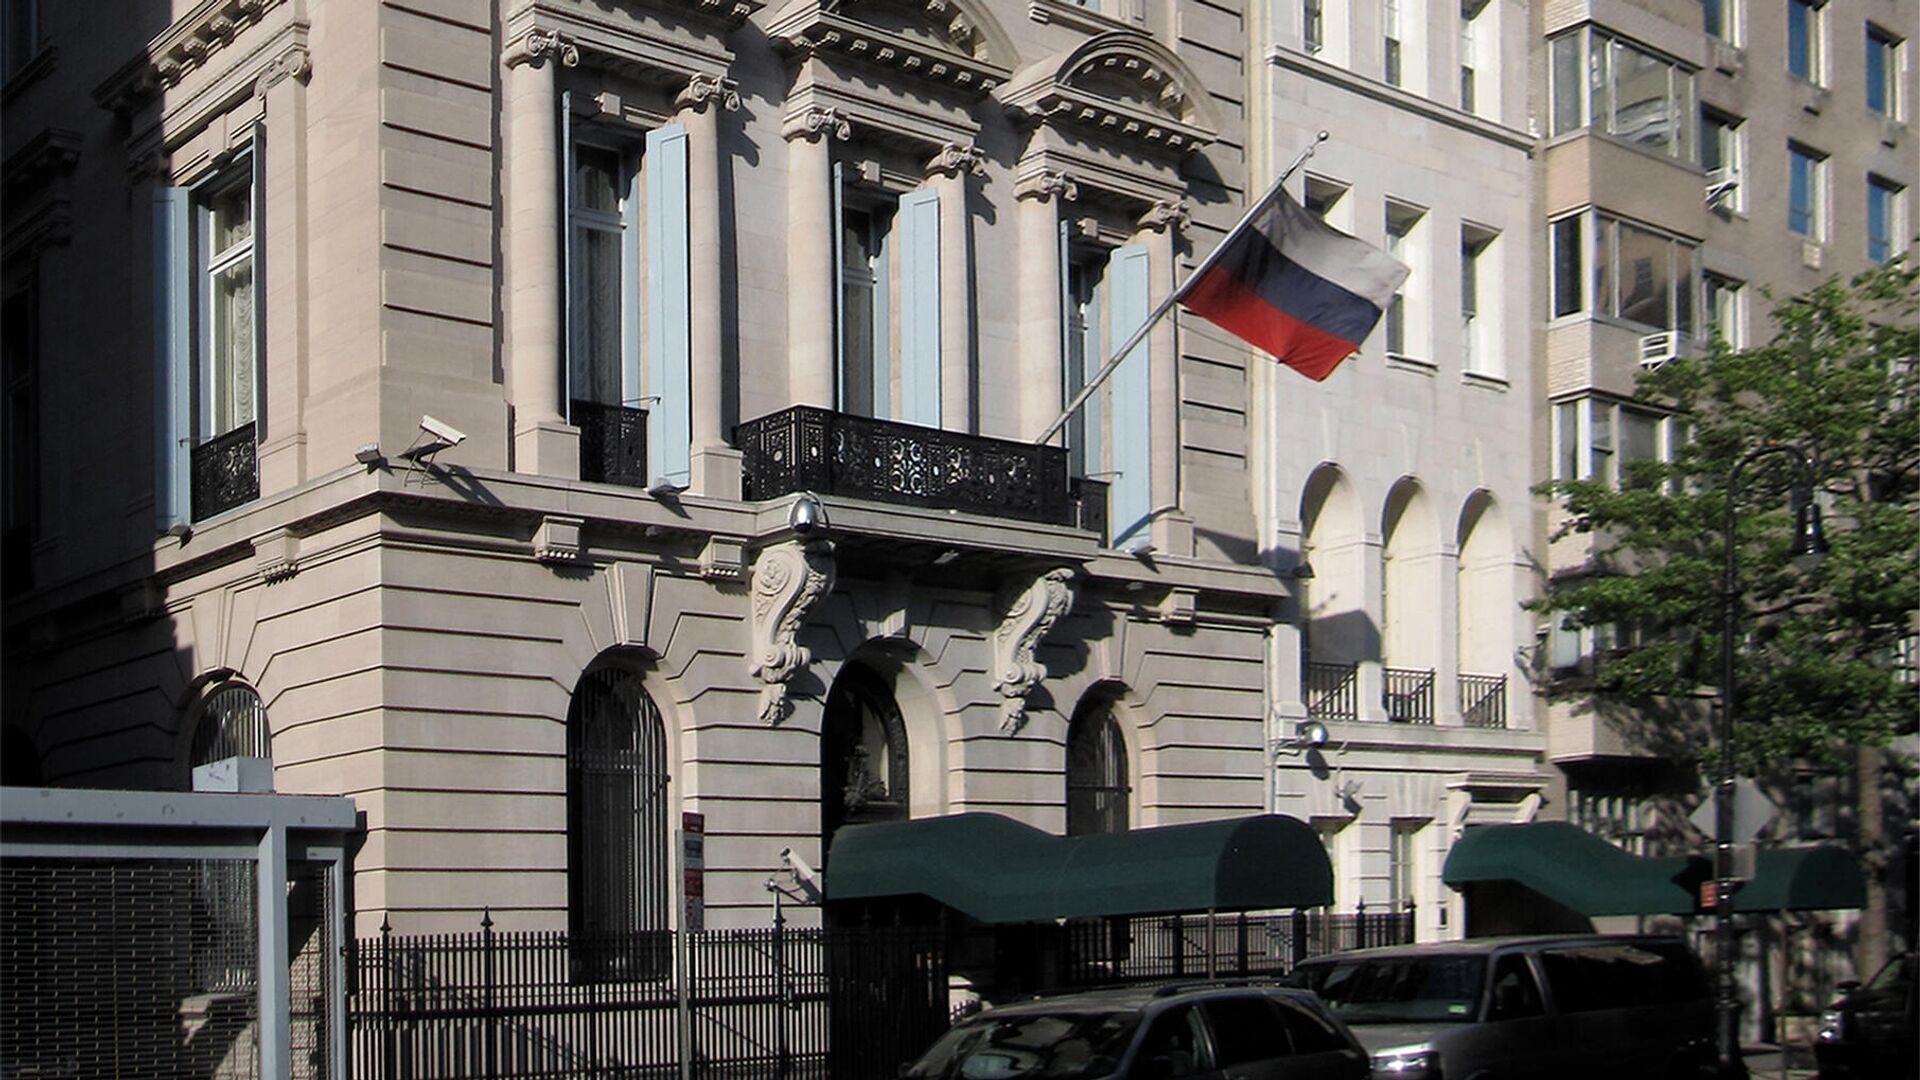 Здание Генерального консульства России в Нью-Йорке - РИА Новости, 1920, 19.01.2021